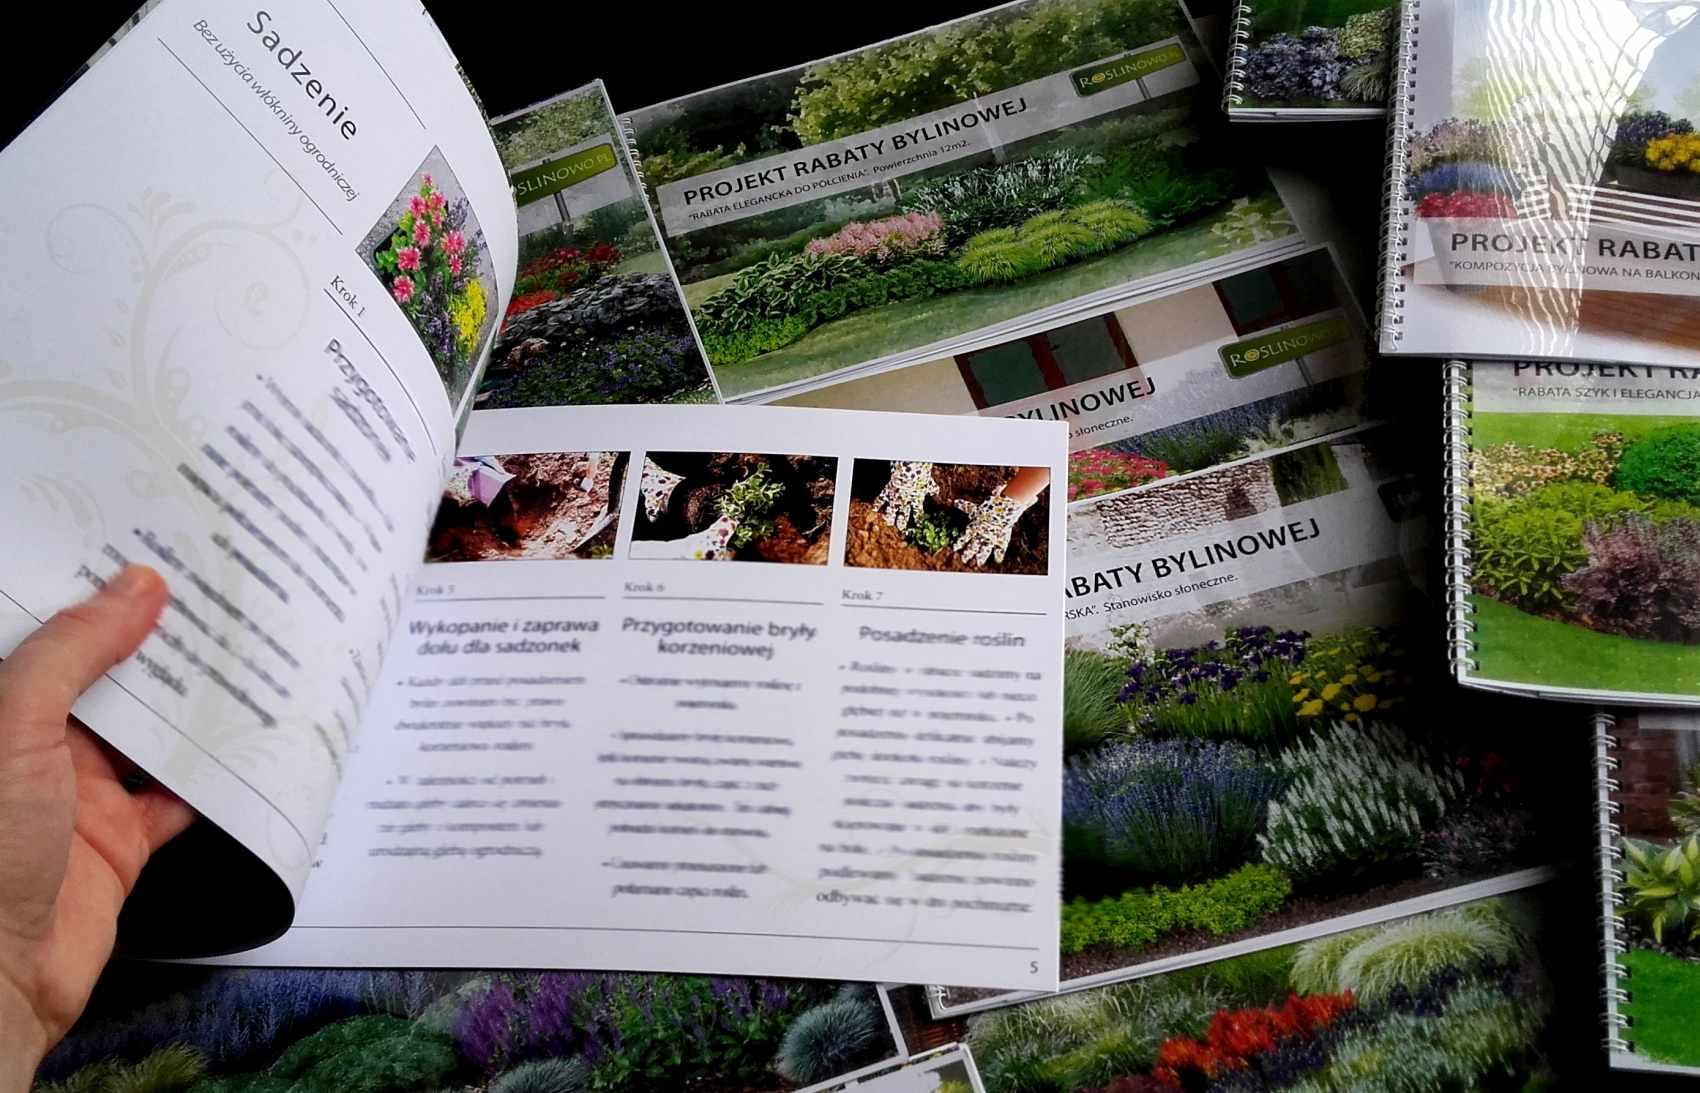 instrukcja roslinowo - jak sadzić byliny na rabacie